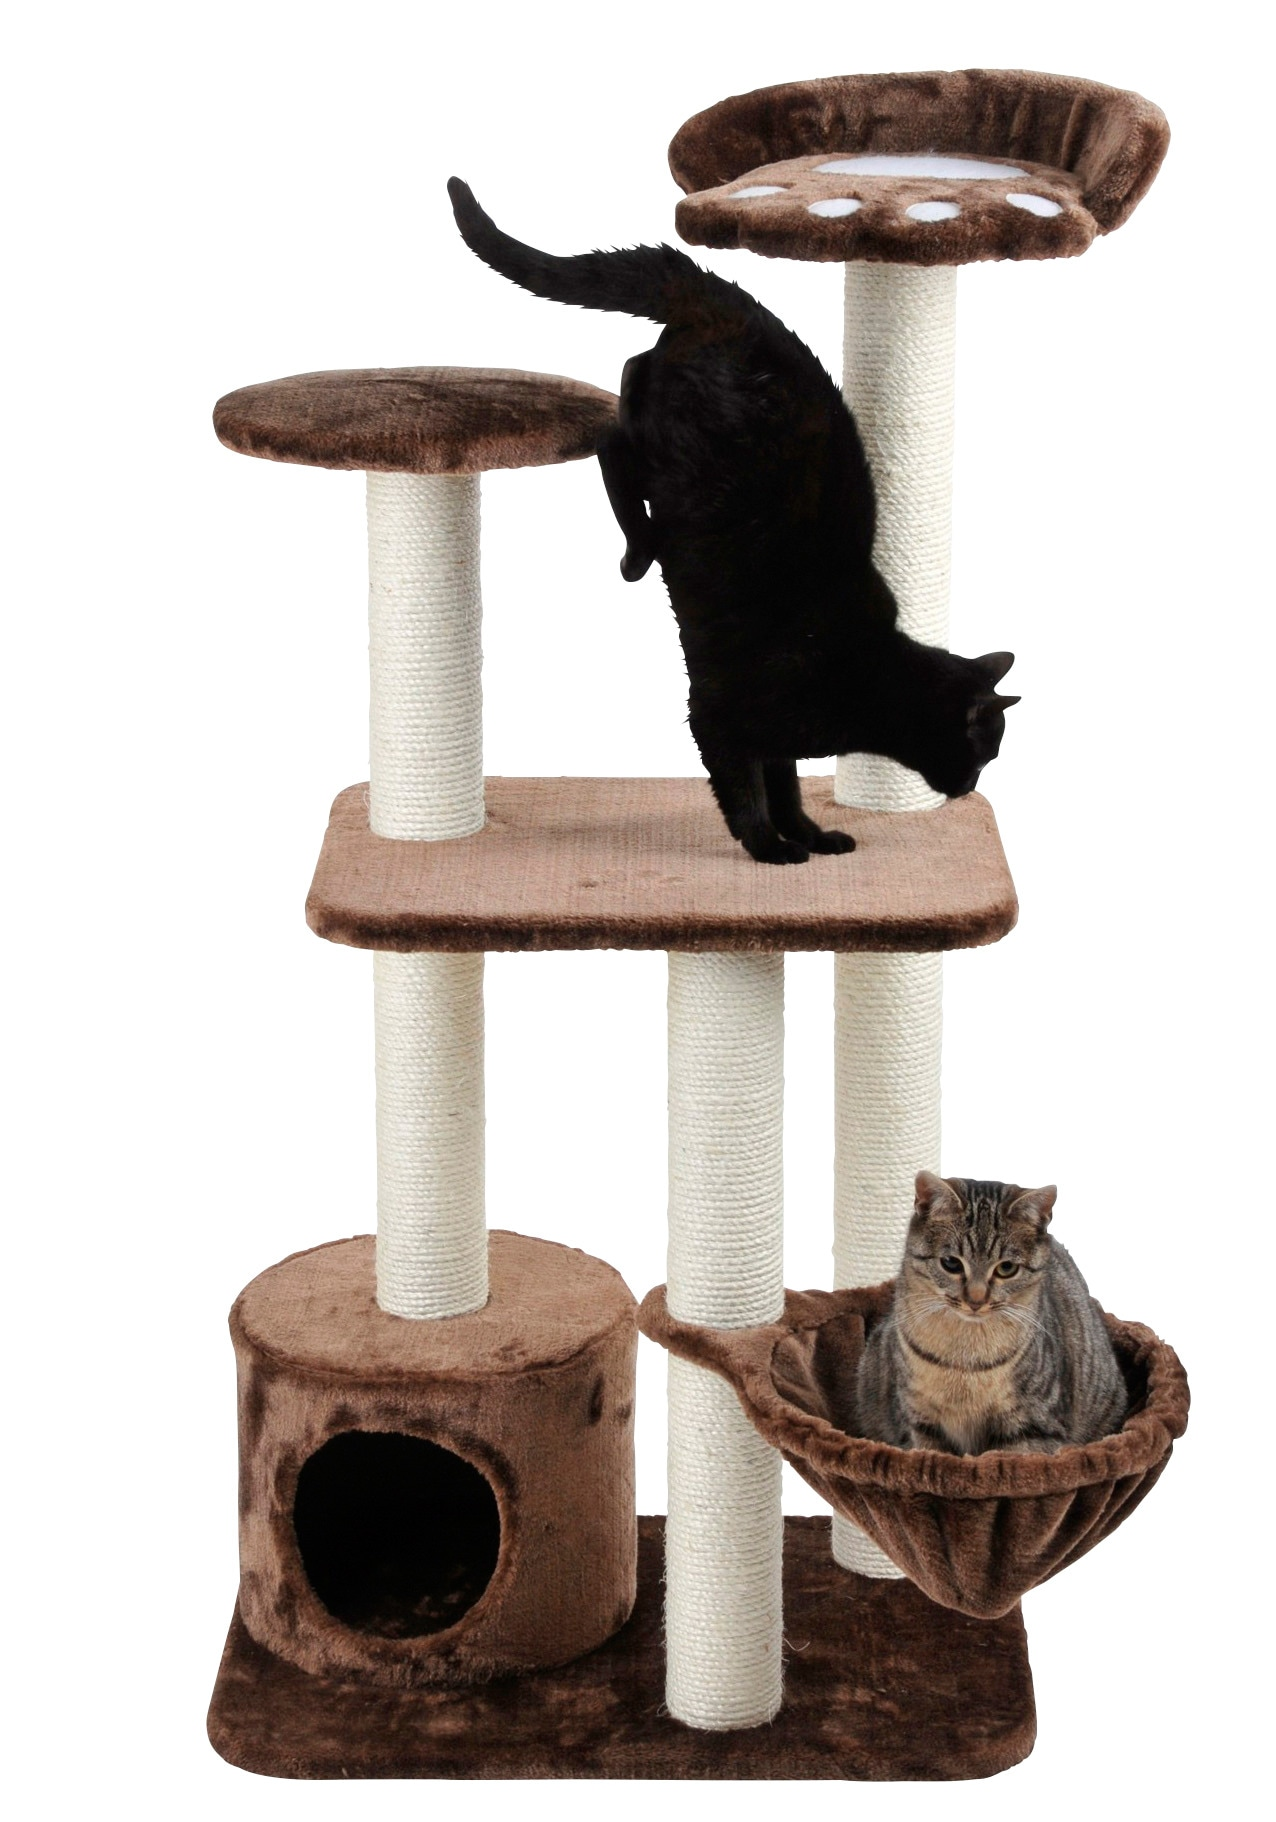 silvio design kratzbaum molly auf rechnung bestellen. Black Bedroom Furniture Sets. Home Design Ideas